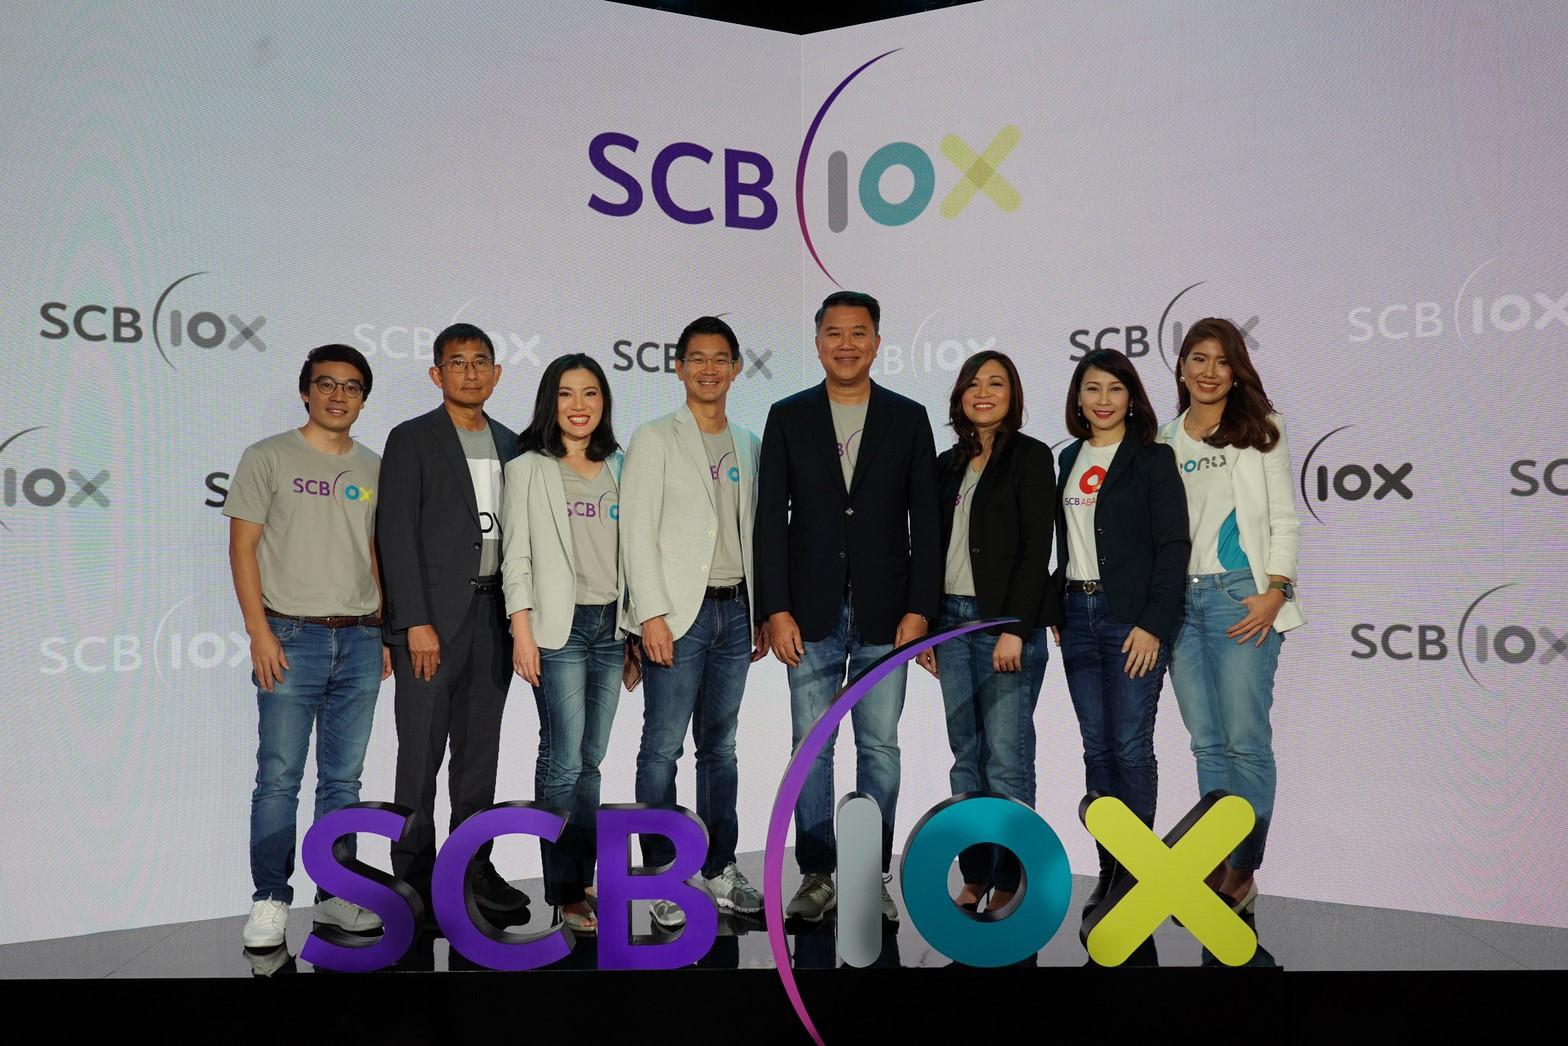 ใบโพธิ์ตั้งSCB 10Xคุมเทคโนโลยีรับผลดีรัปชั่น-เร่งสร้างนวัตกรรม